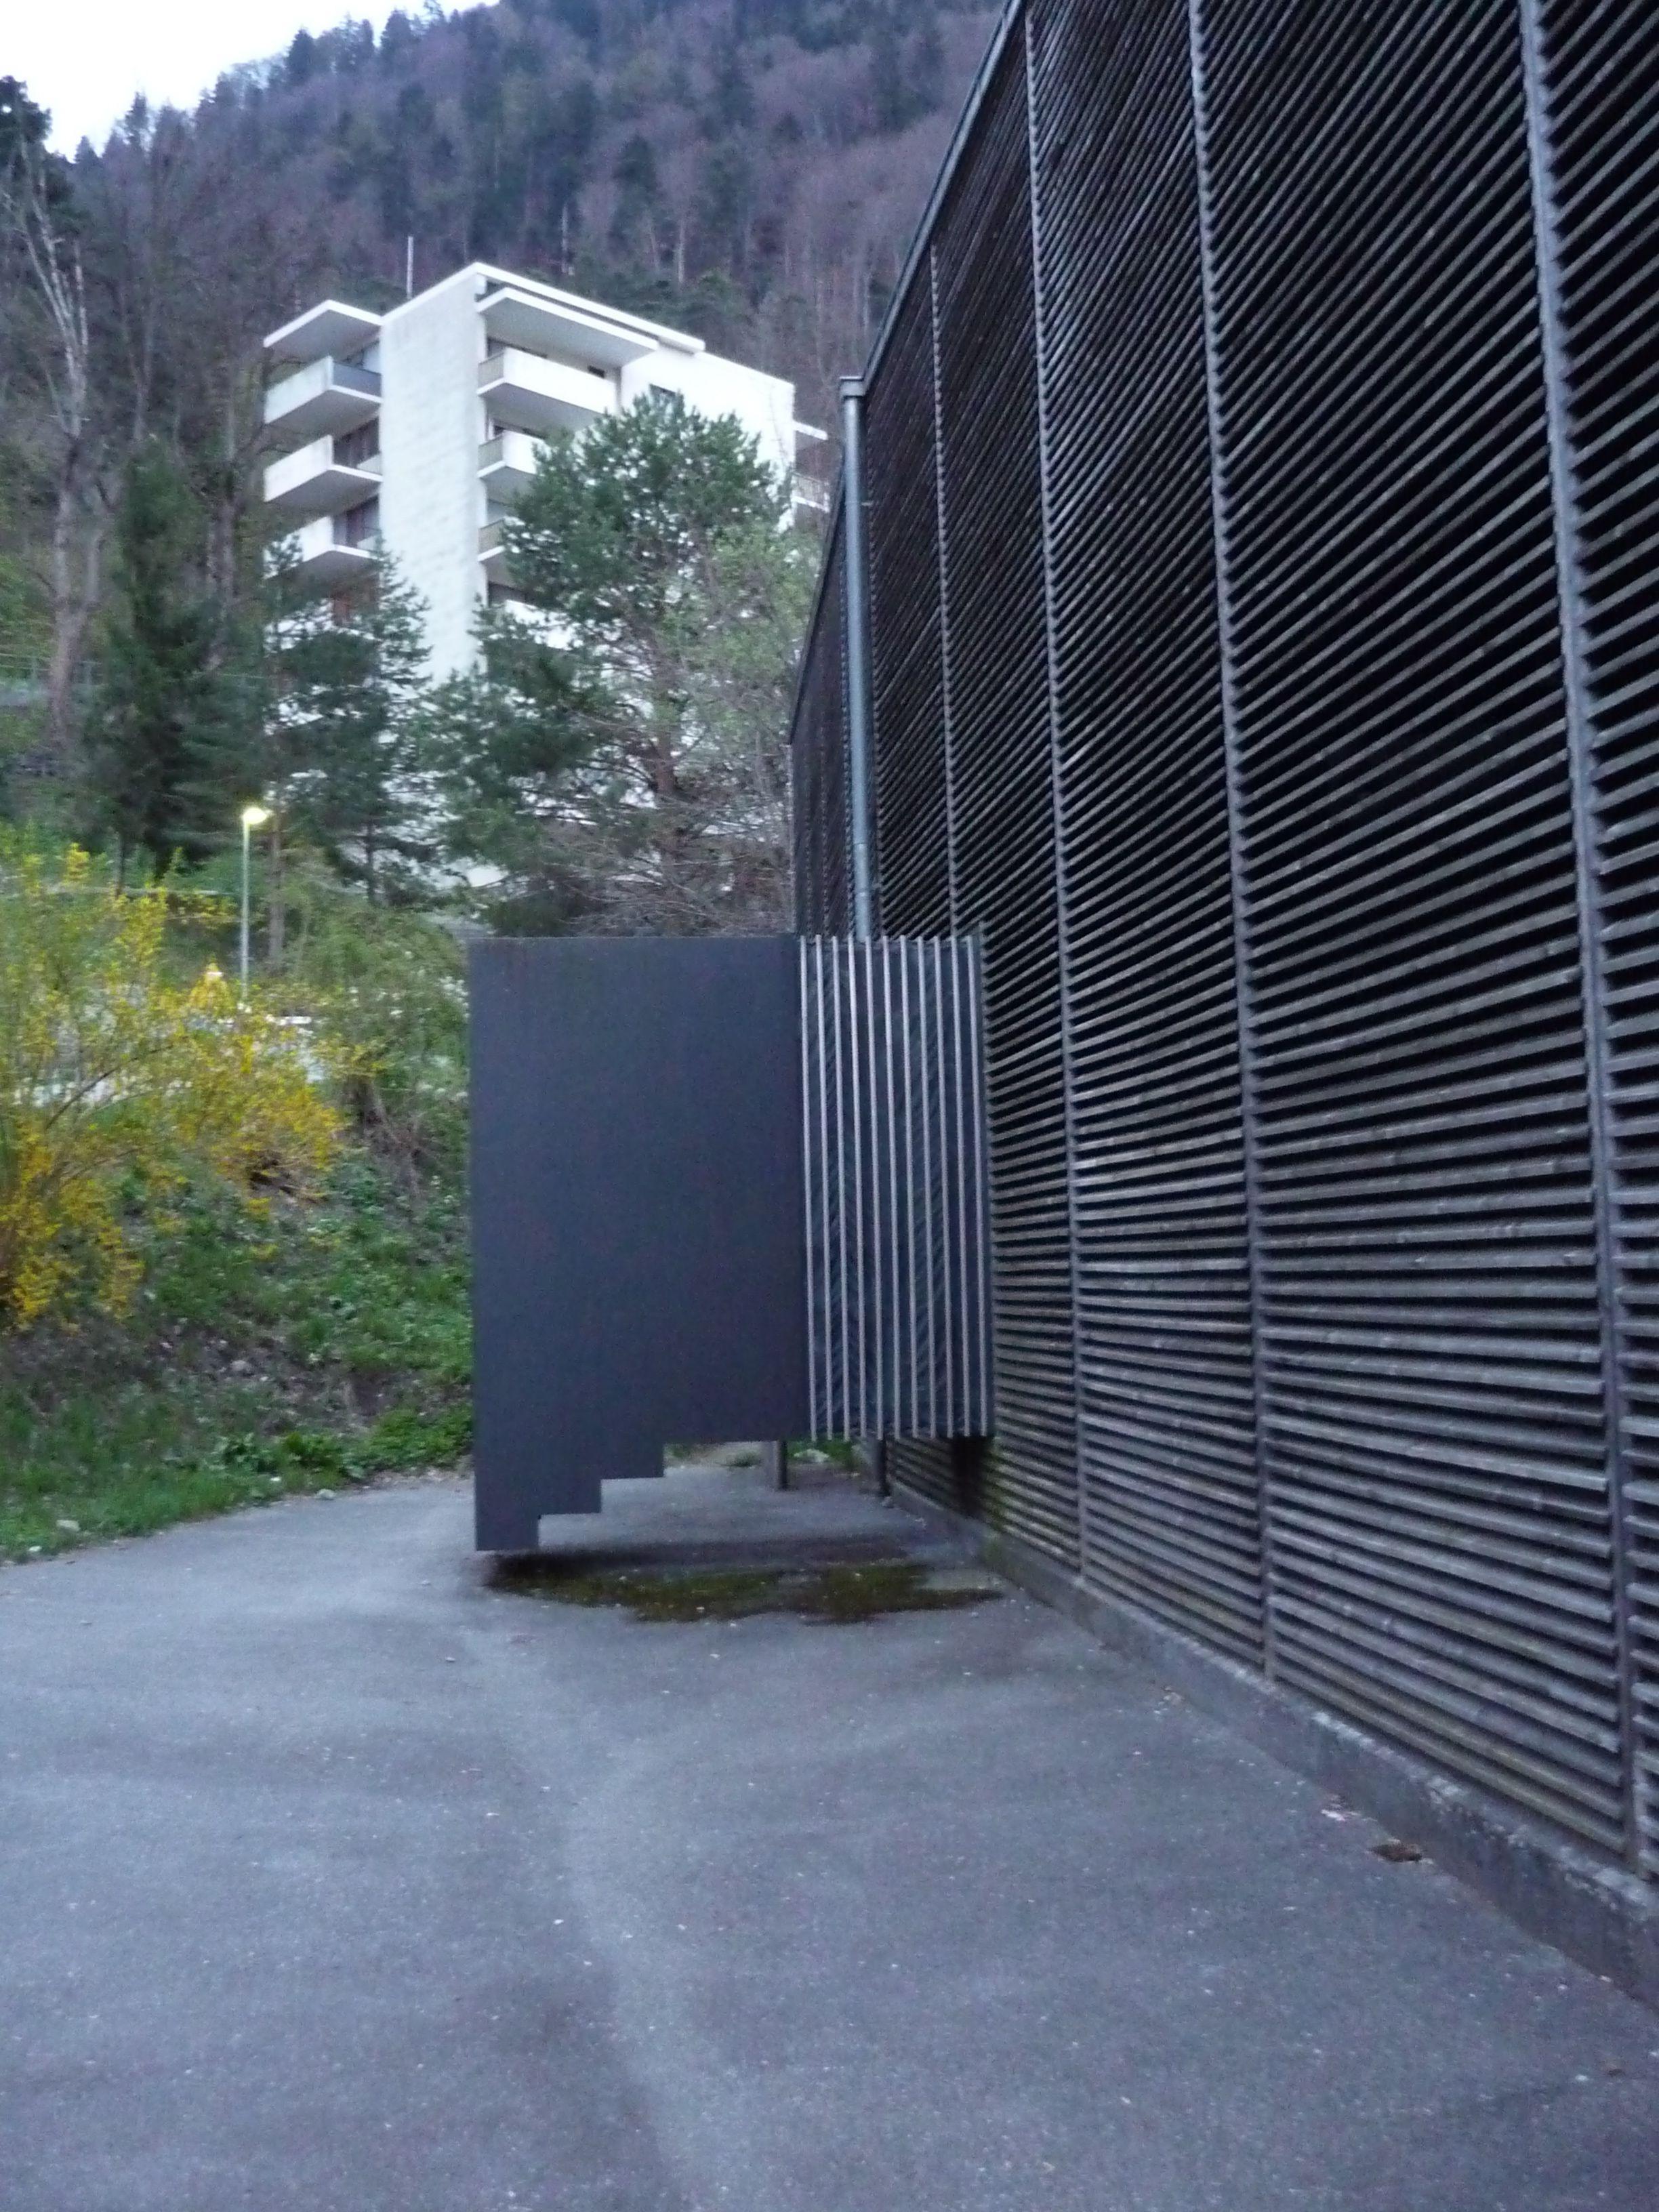 peter zumthor shelter for archaeological site chur entrance architektur kunst. Black Bedroom Furniture Sets. Home Design Ideas